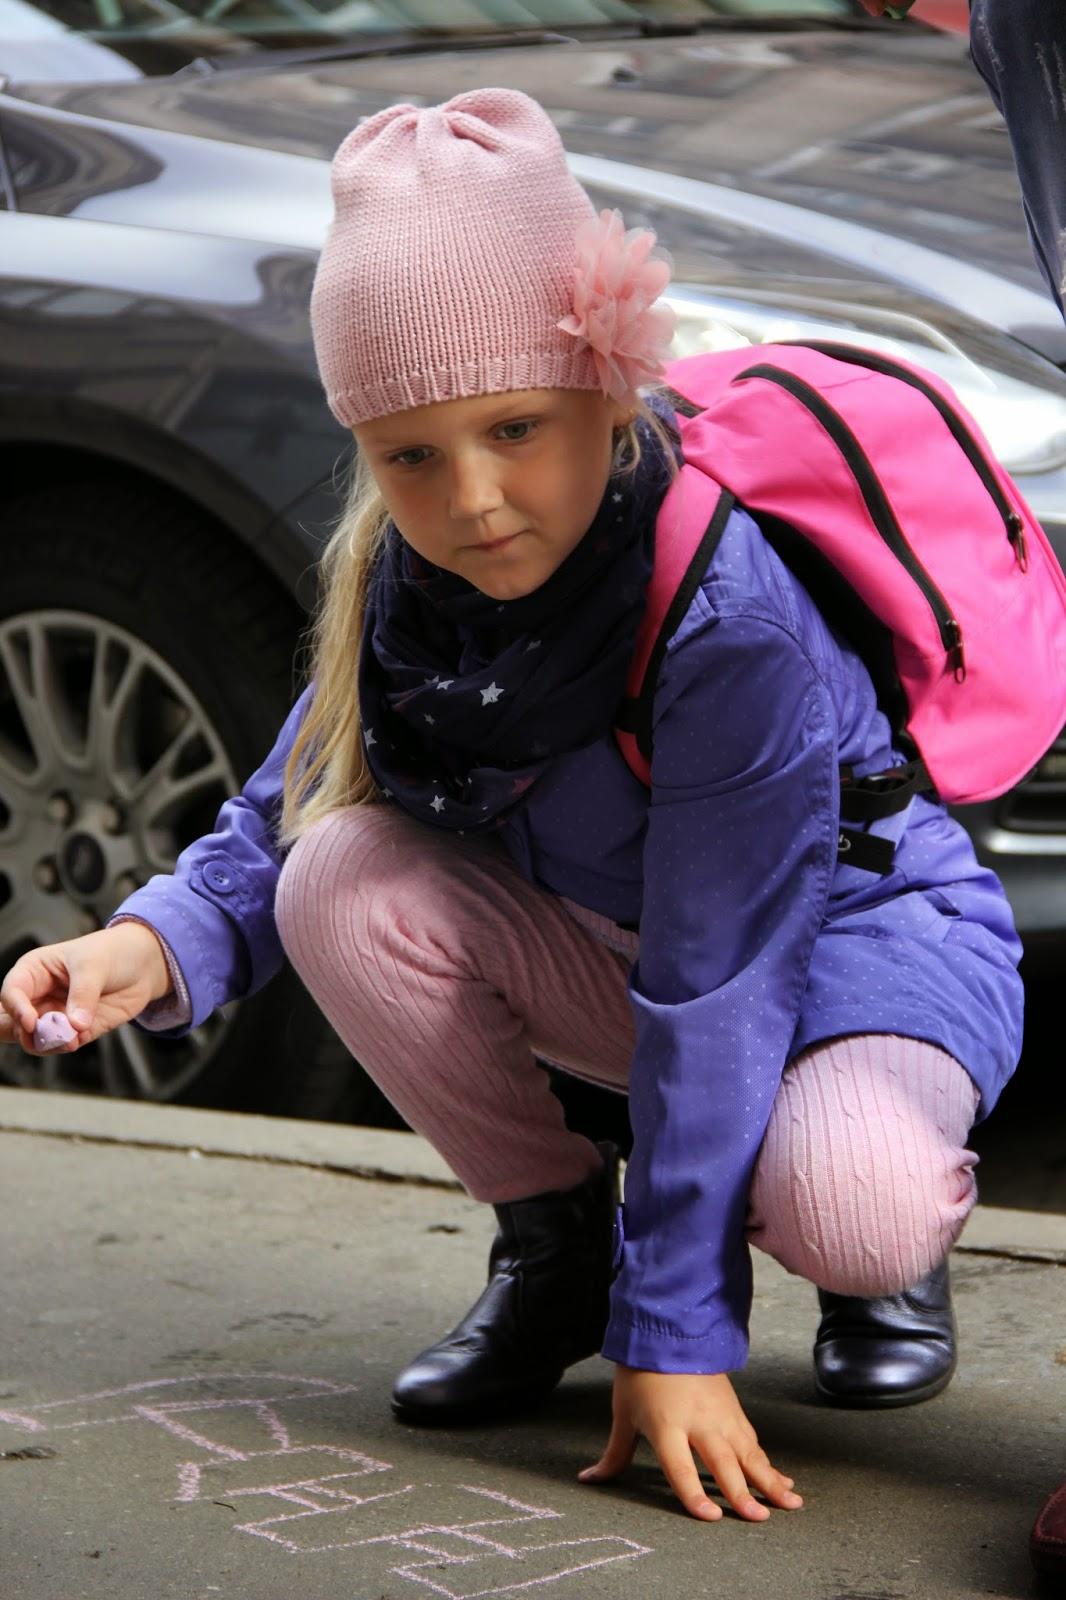 дети - чуткие и искренни люди и взрослым у них следует учится